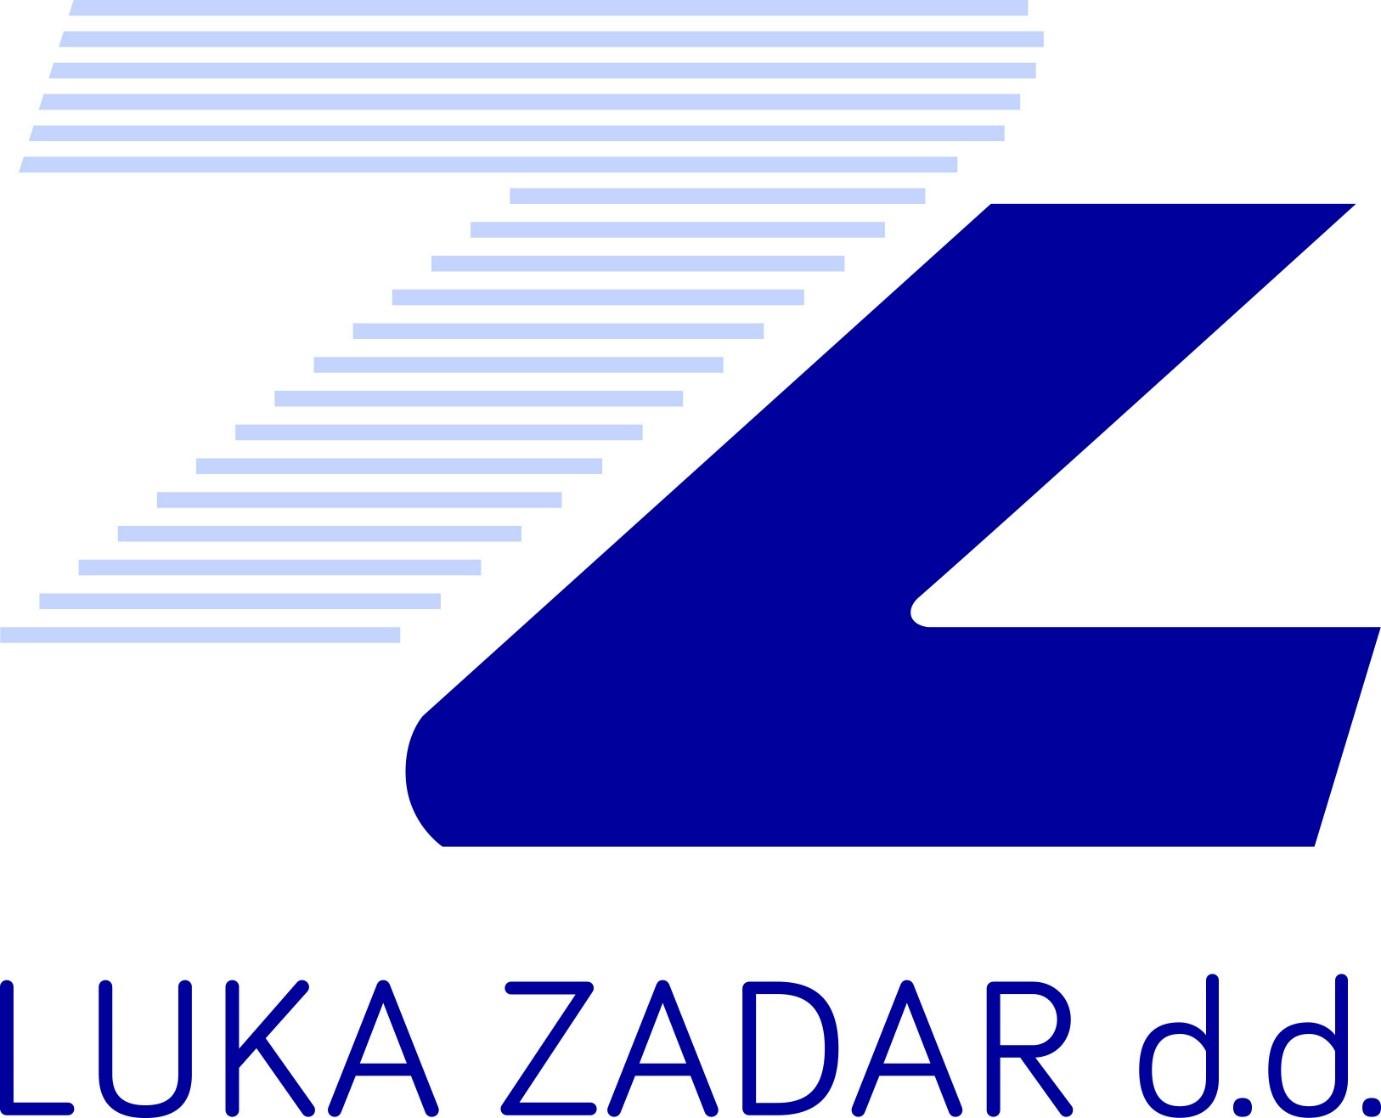 Luka Zadar